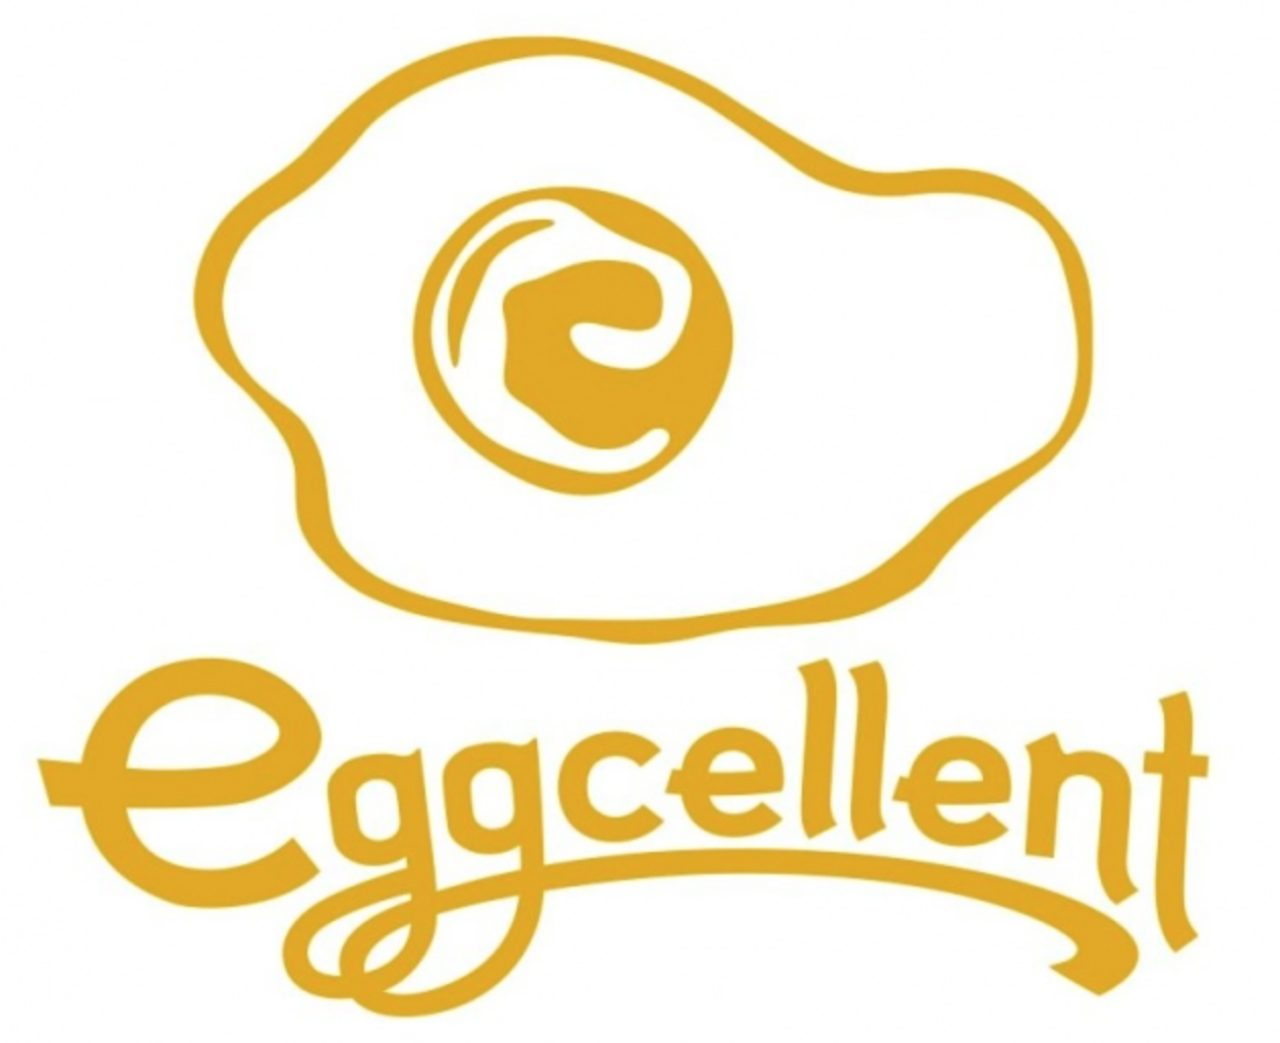 画像: ●エッグセレント… 朝食の定番である卵料理で、日本で唯一のオーガニック卵を使用している「エッグセレント(eggcellent)」。卵黄は濃厚で白身はぷるんとした弾力が特徴のたまごをつかったオリジナルメニューが朝食フェス限定メニューで登場します。「朝文化」の極上体験を、是非ご体感ください。